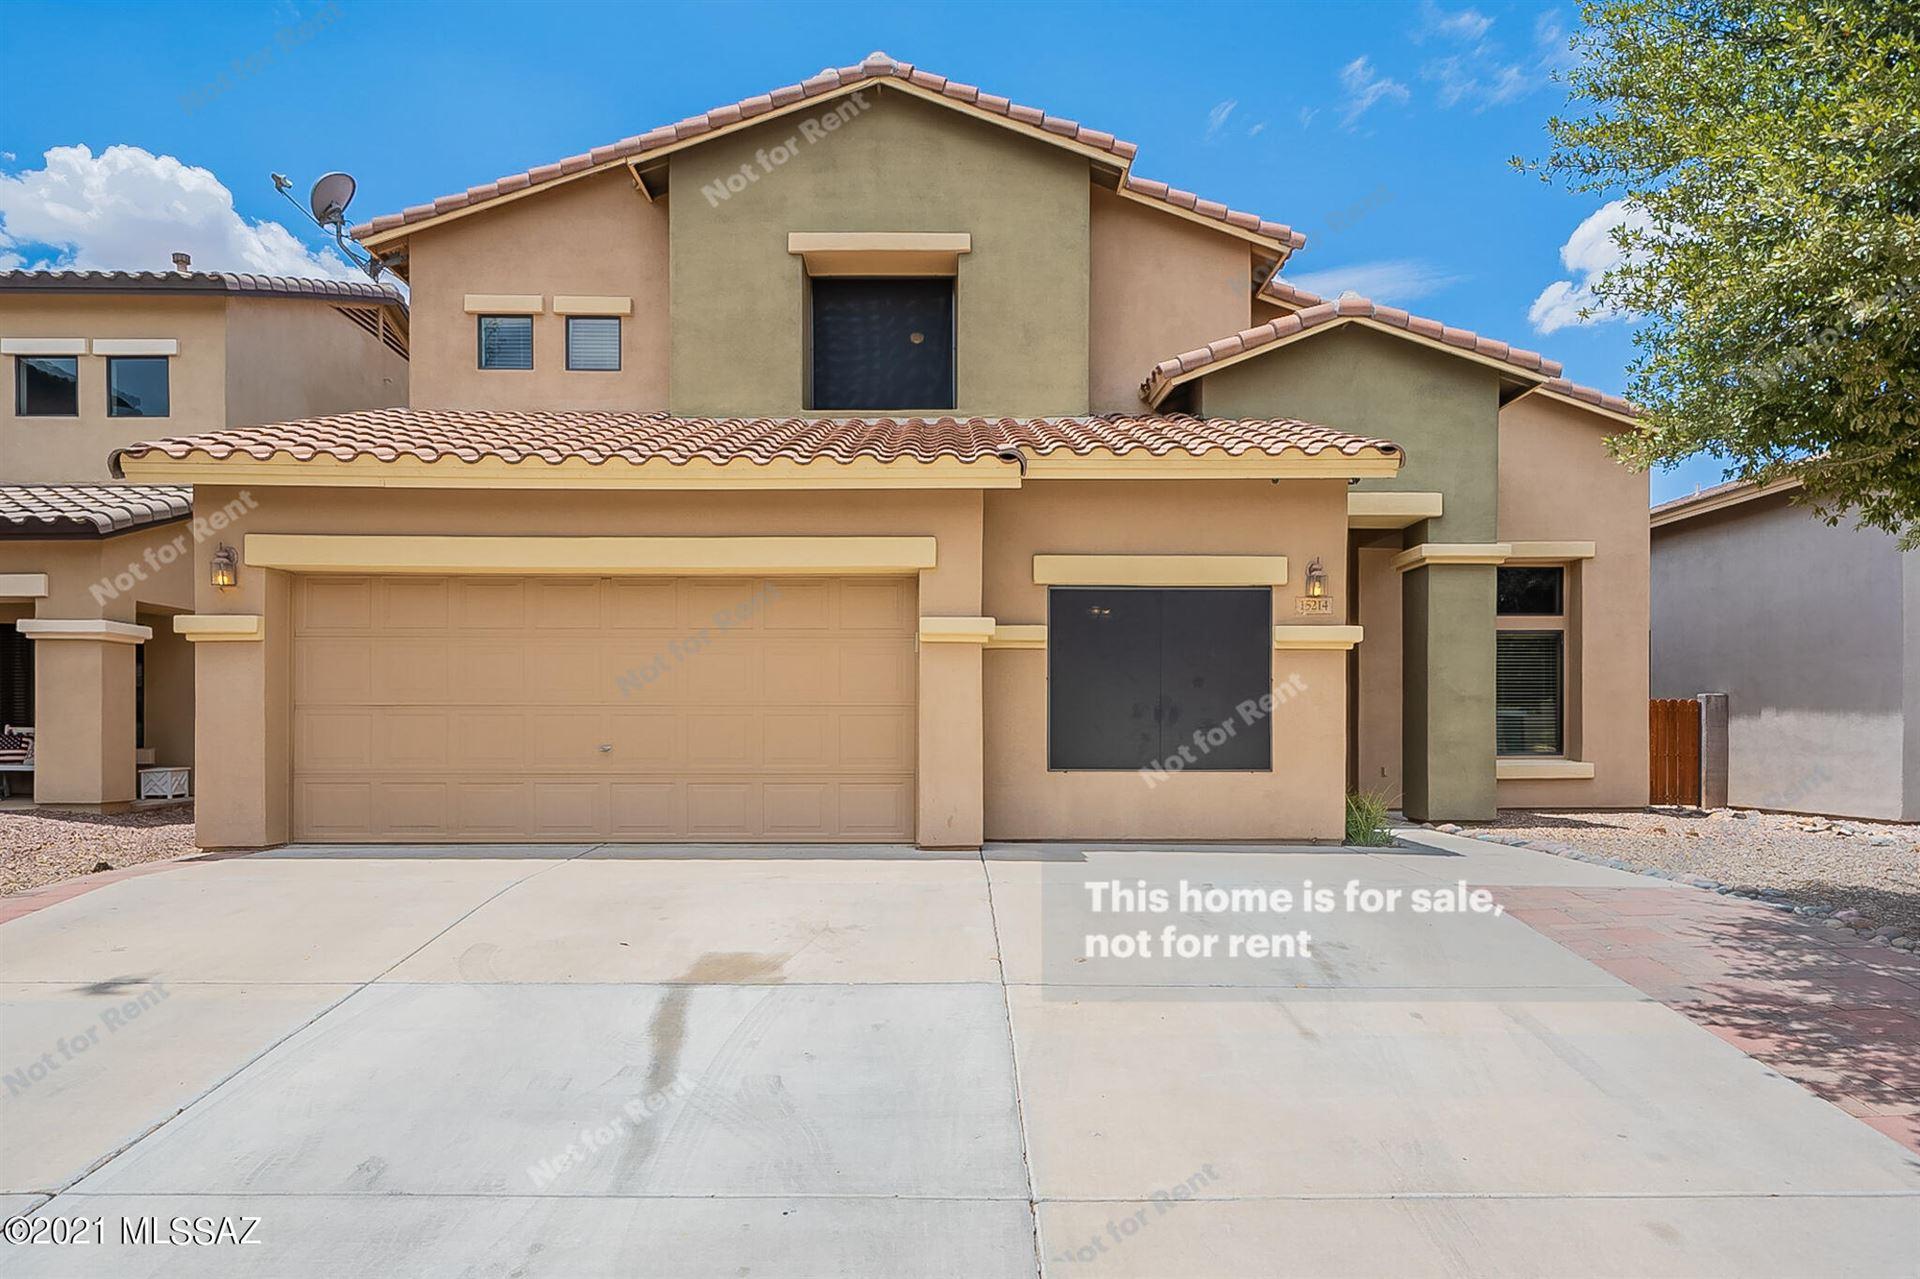 15214 S Avenida Rancho Sereno, Sahuarita, AZ 85629 - MLS#: 22117289